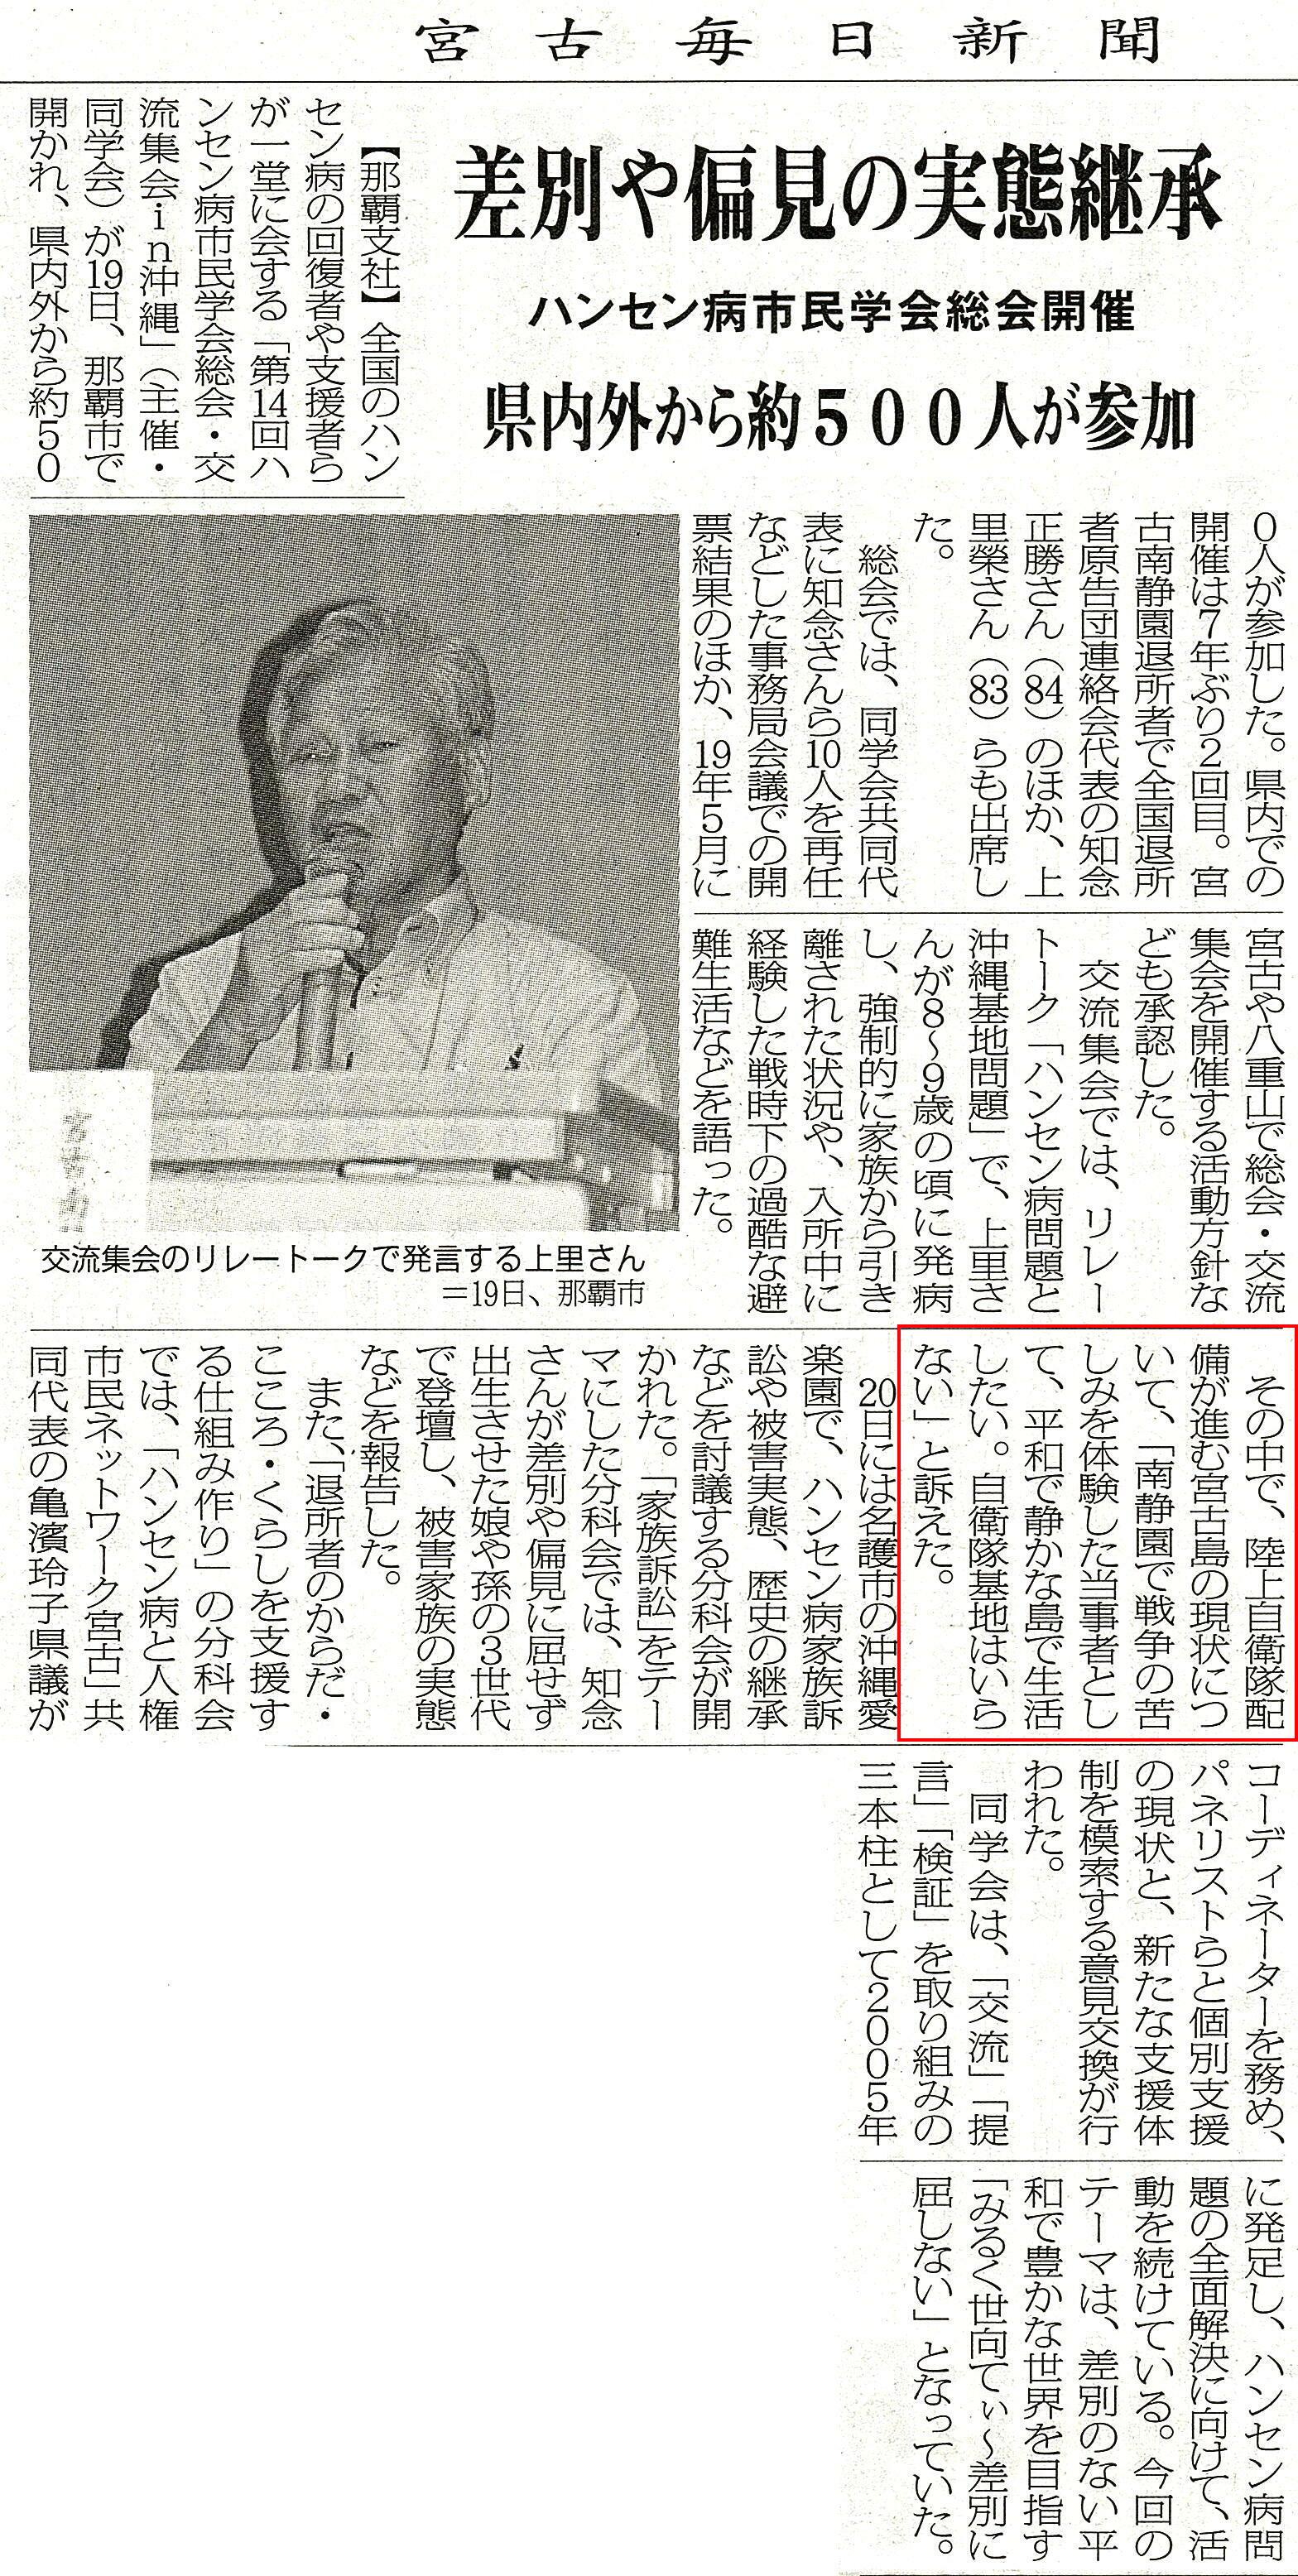 miyakomainichi 2018 05221a